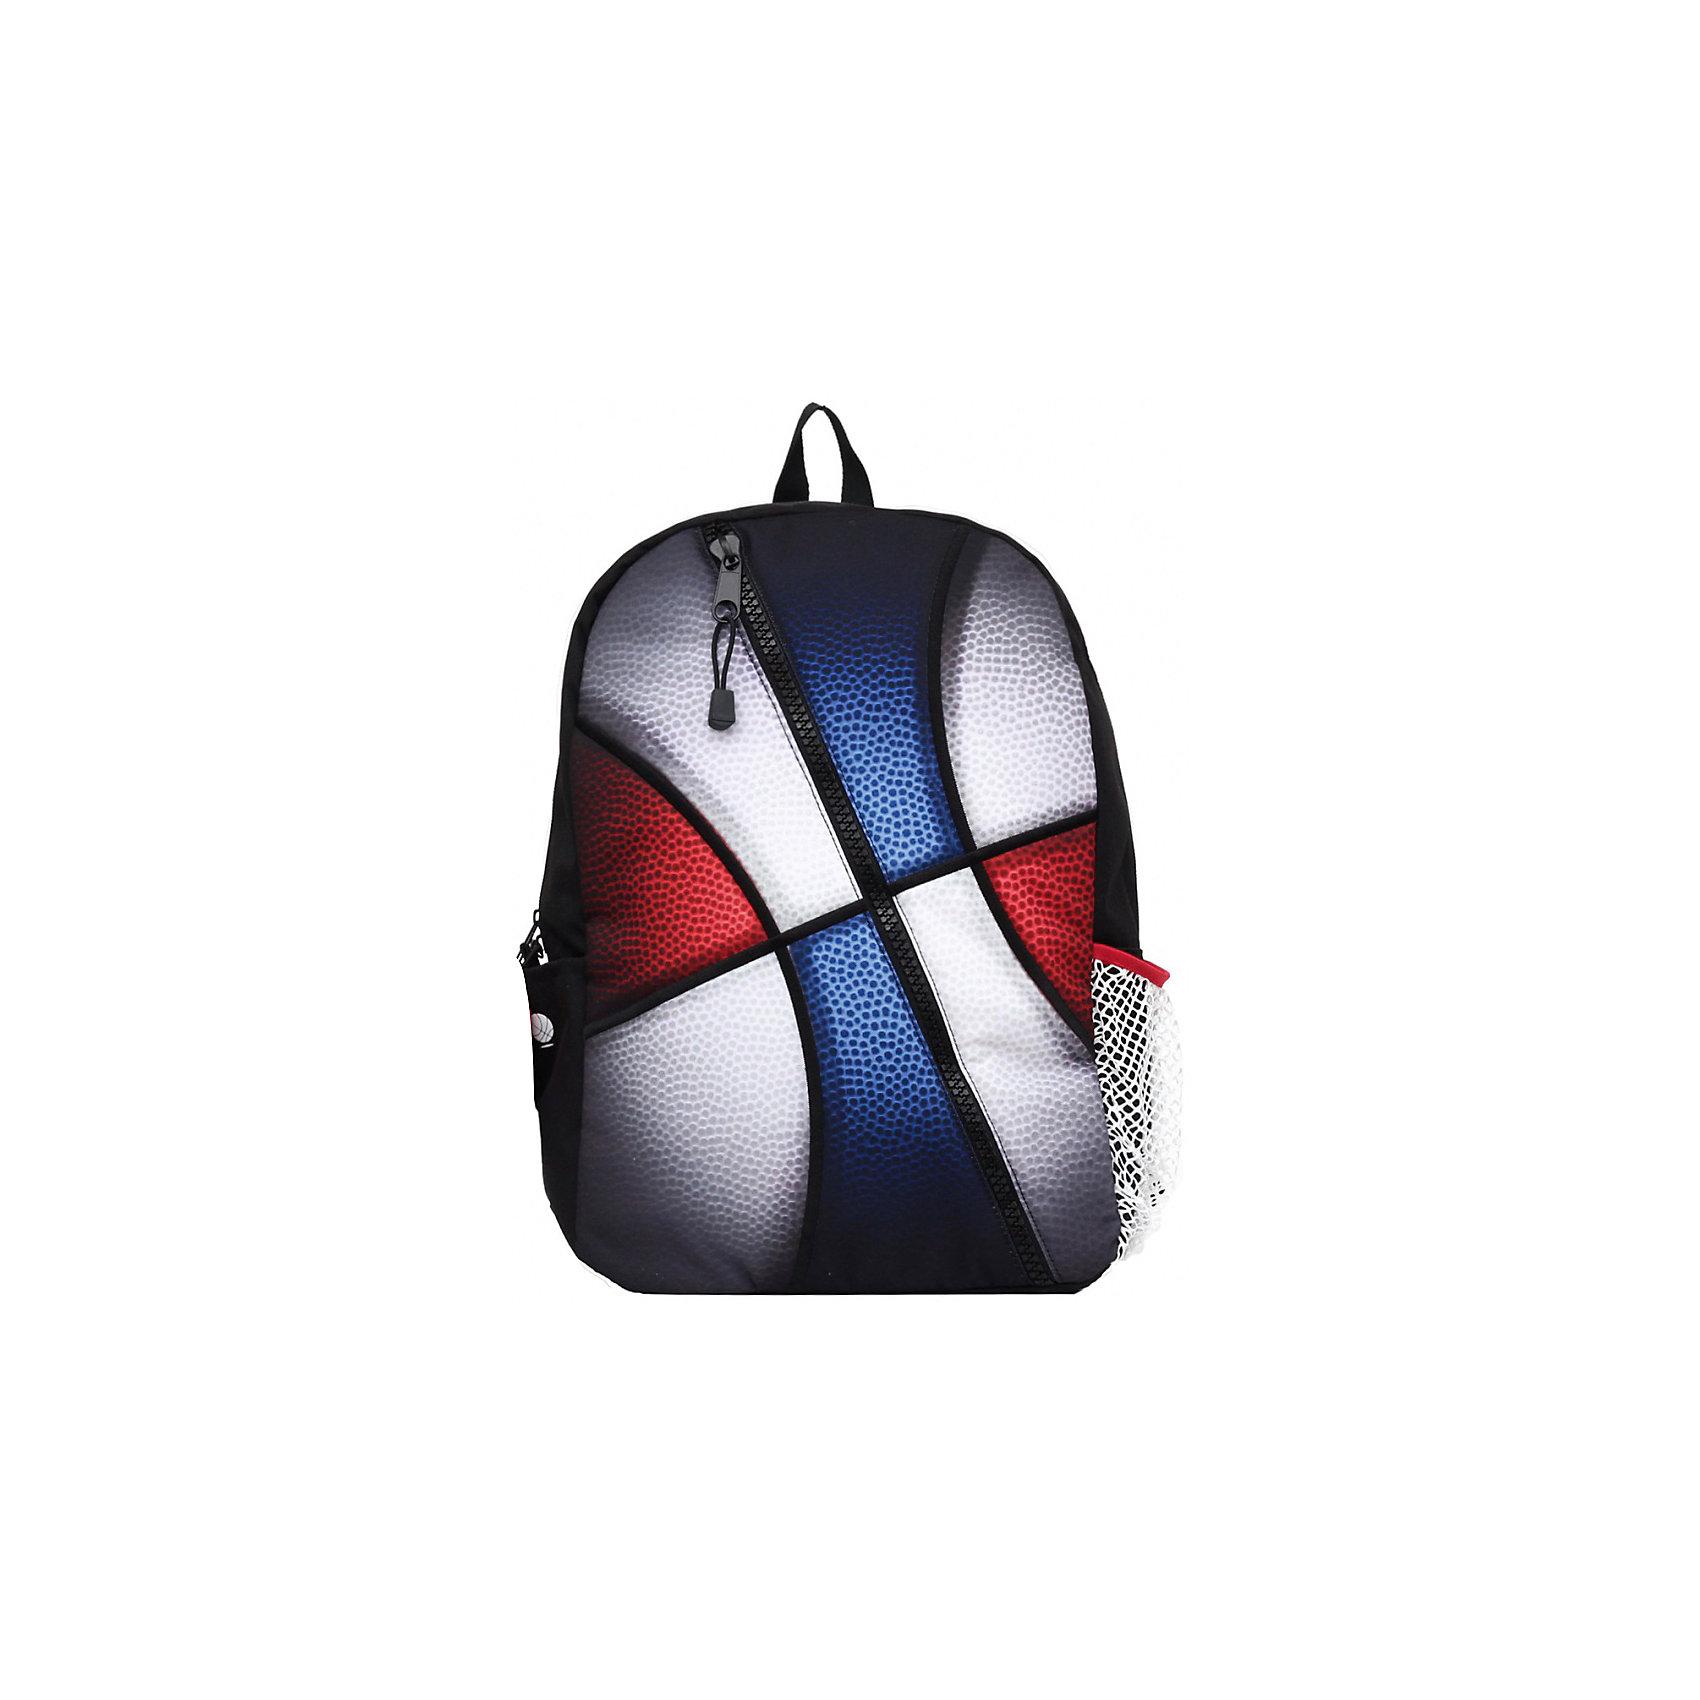 Рюкзак Sport, цвет мультиРюкзаки<br>Этот стильный рюкзак от Mojo прекрасно сочетает в себе черты спорта и динамичного городского стиля. Расцветка и внешний вид рюкзака в виде мяча смотрится очень броско, стильно и оригинально.<br><br>Ширина мм: 43<br>Глубина мм: 30<br>Высота мм: 16<br>Вес г: 700<br>Возраст от месяцев: 120<br>Возраст до месяцев: 420<br>Пол: Унисекс<br>Возраст: Детский<br>SKU: 5344344